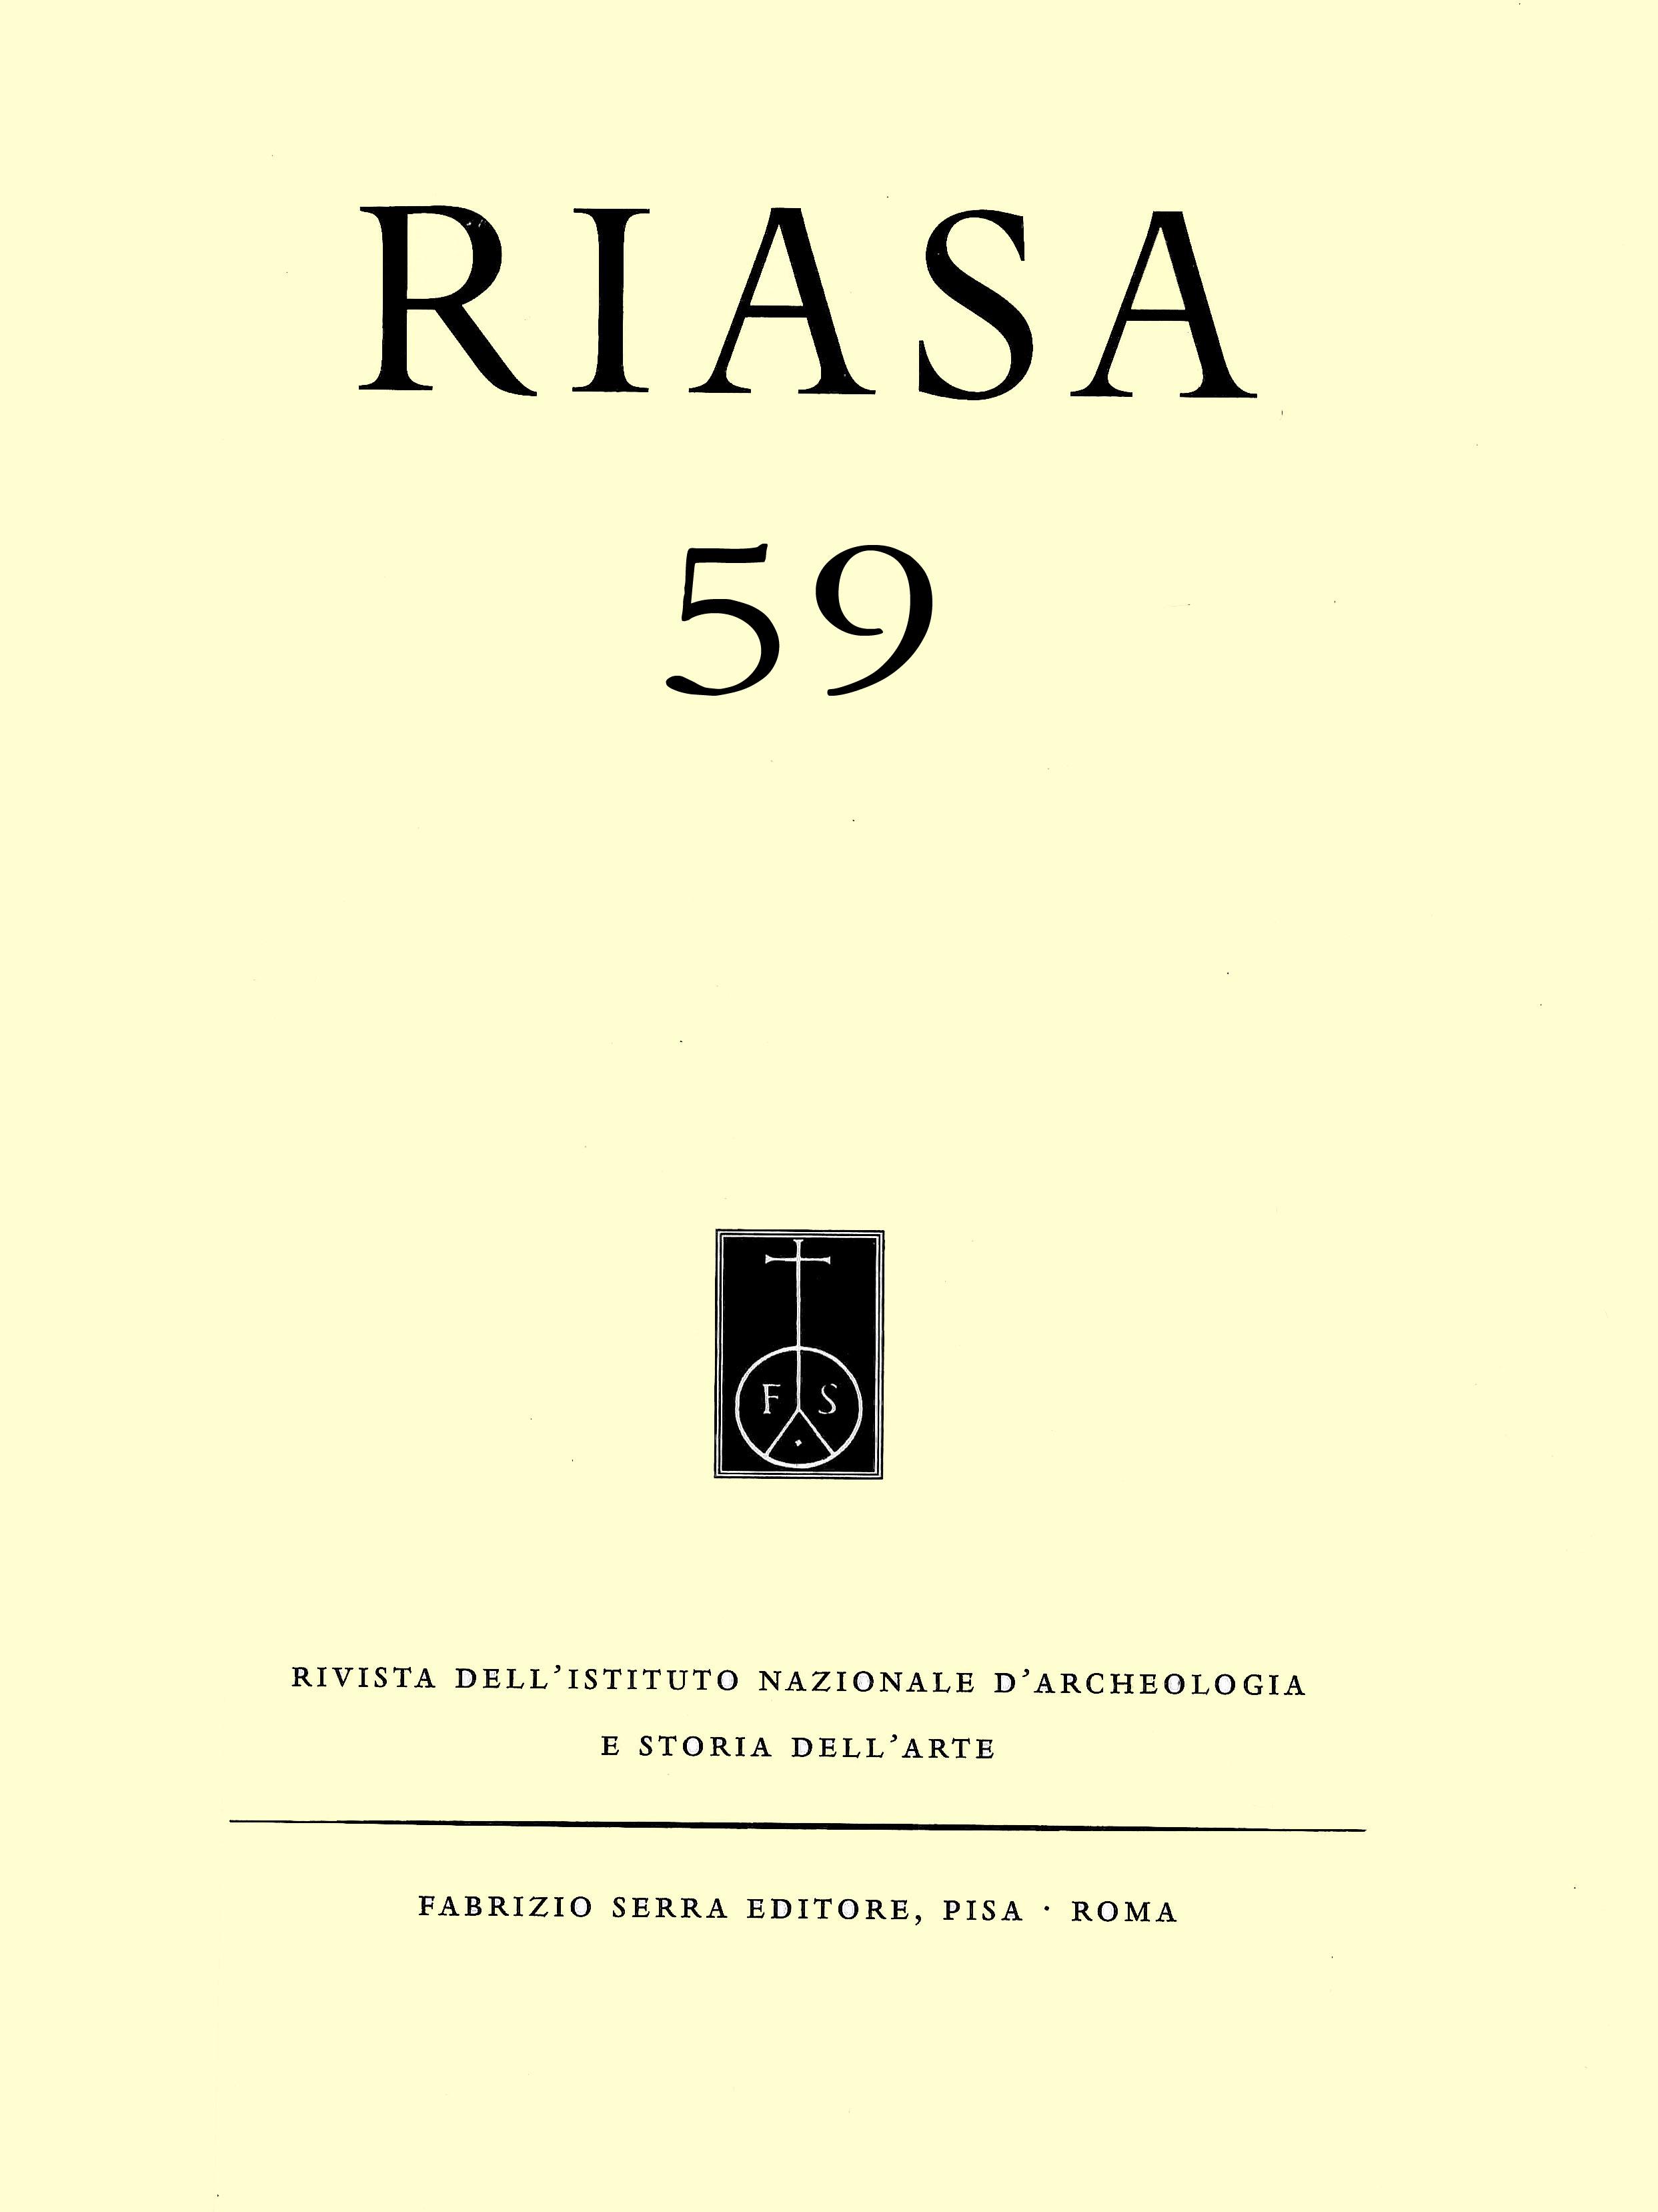 RIASA 59